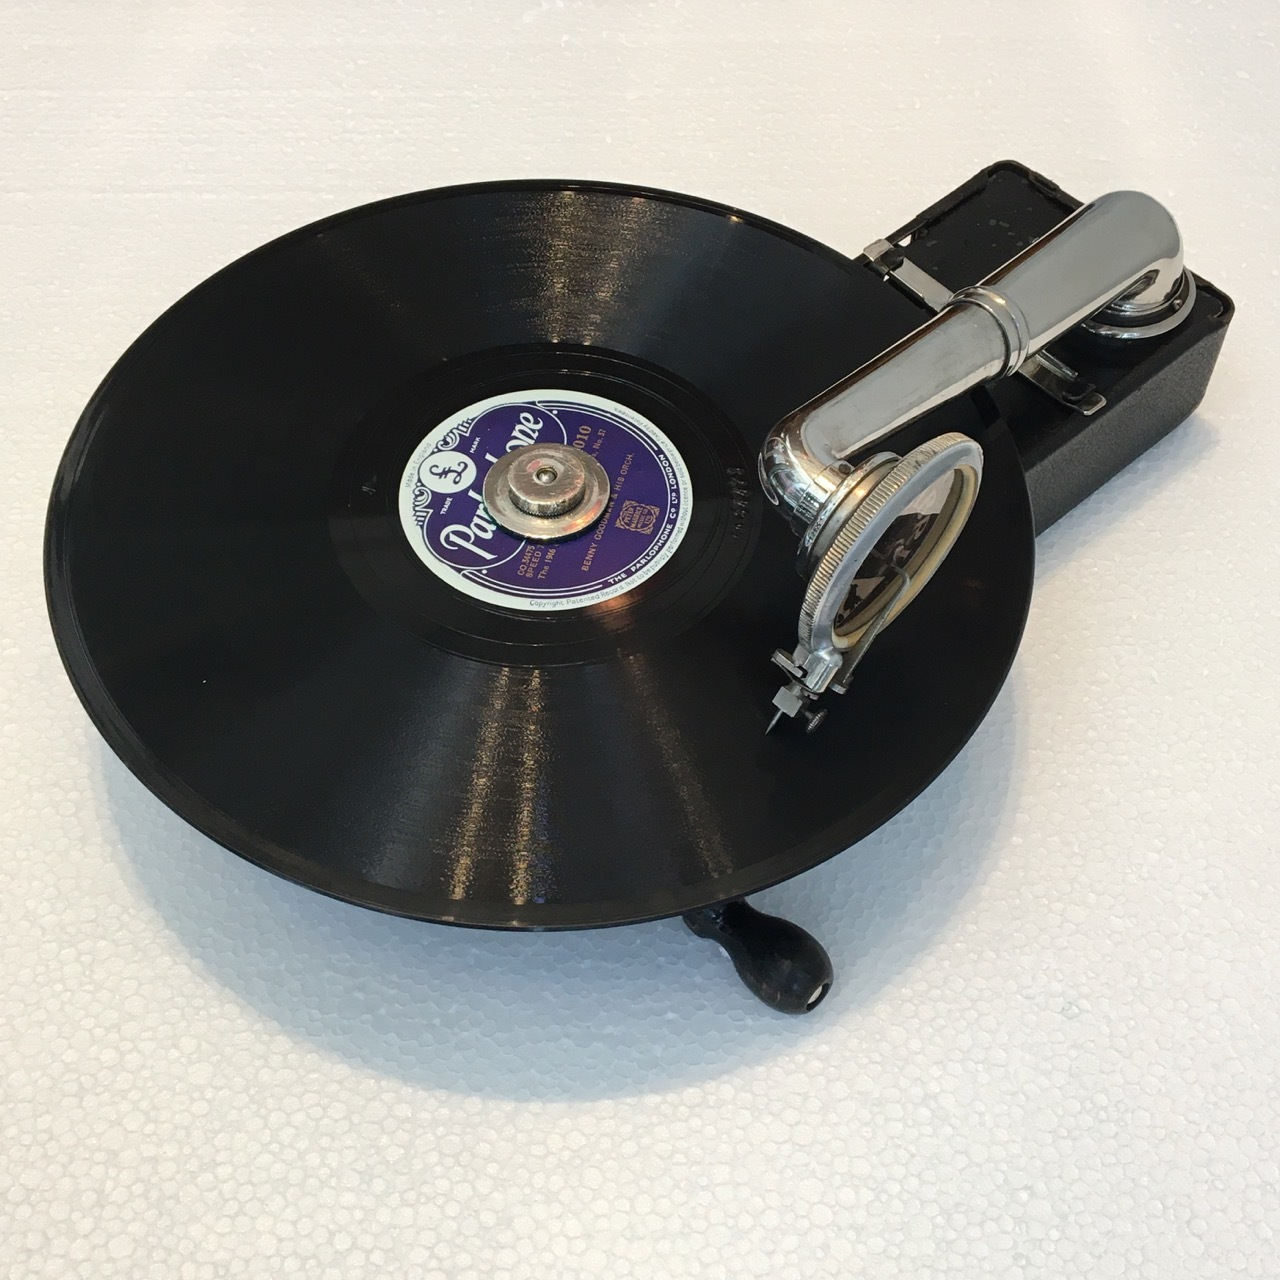 ベルギーの豆蓄音機「コリブリ」_a0047010_12005469.jpg